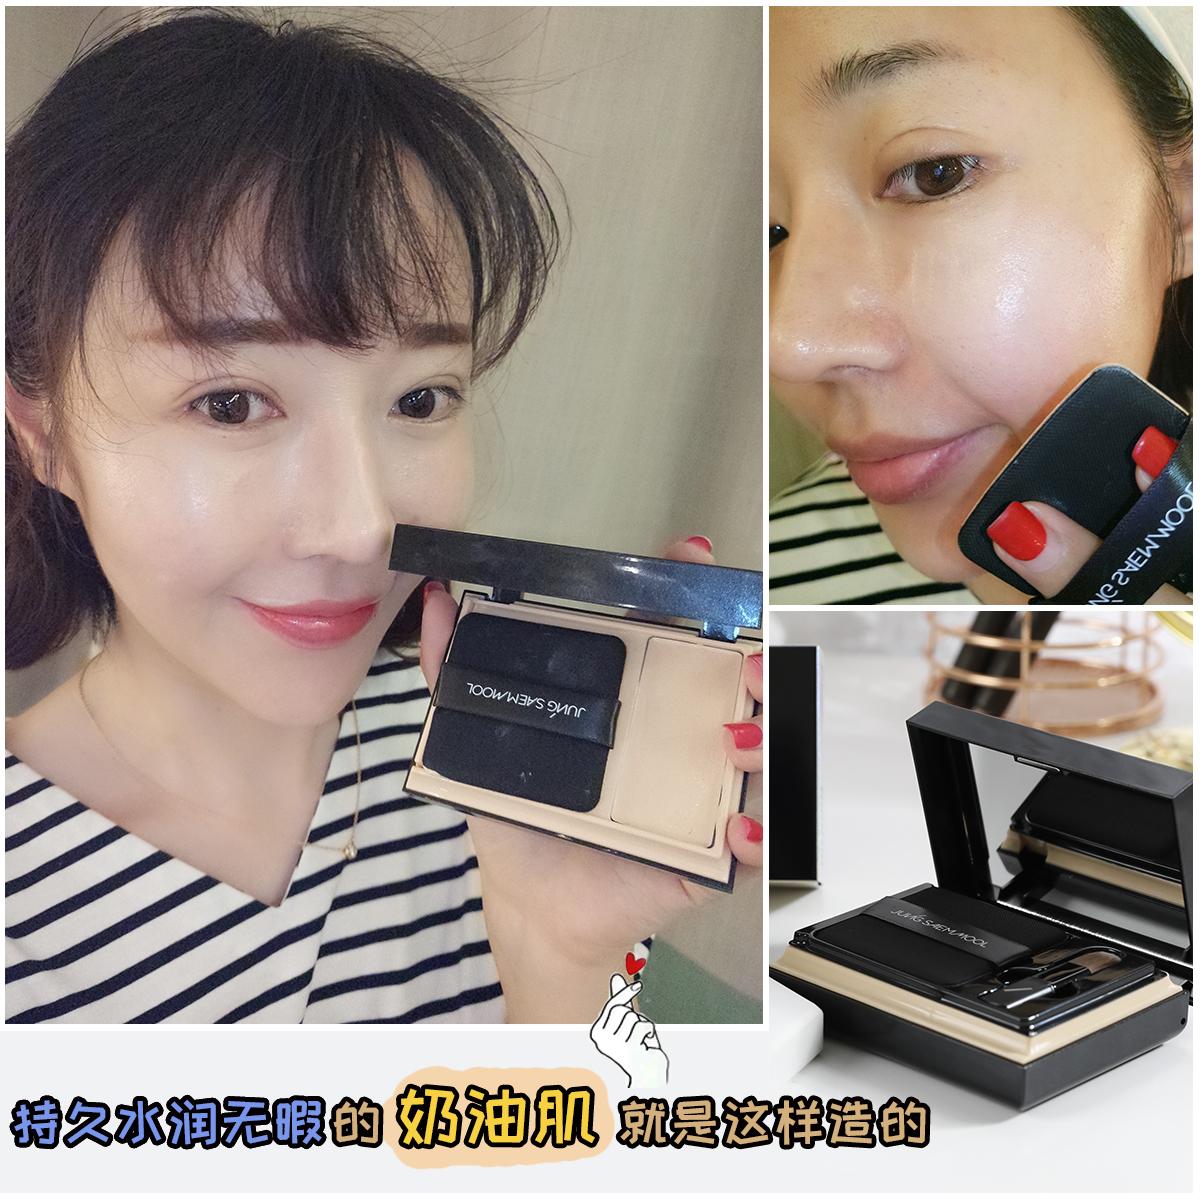 Z 家 # 恍若 天生 好 皮肤 #Zheng Yi Mo Nền tảng kem che khuyết điểm đôi hiệu ứng dưỡng ẩm bột Chassis điều chỉnh